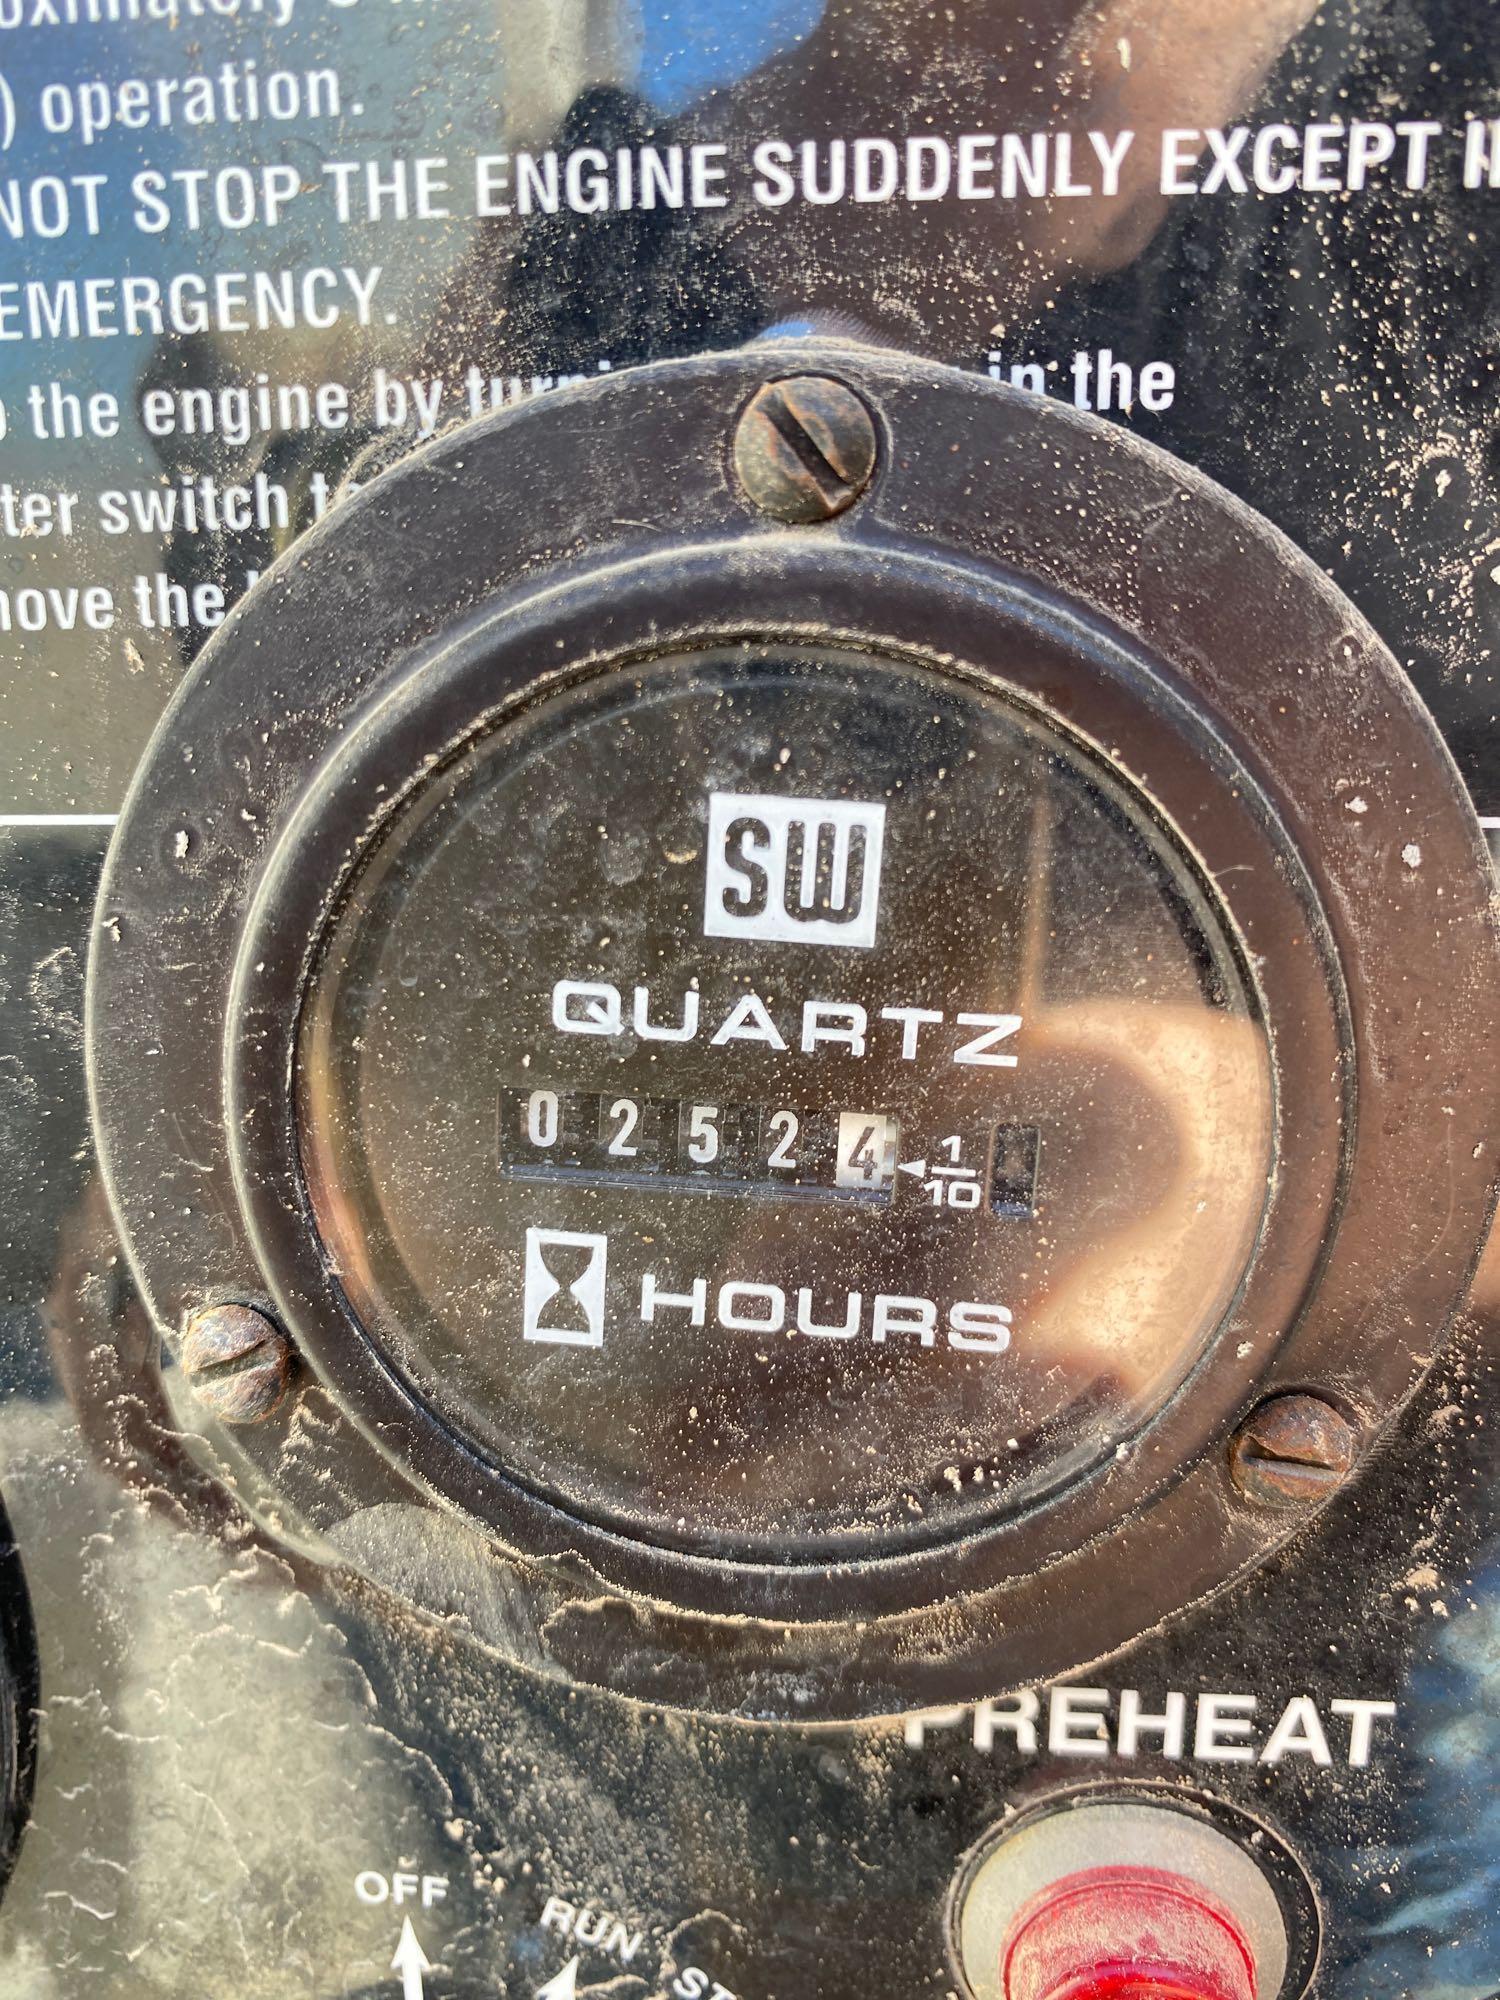 2011/2012 WHISPERWATT MQ POWER DIESEL GENERATOR, TRAILER MOUNTED, 20KW, 25KVA, RUNS AND OPERATES - Image 19 of 20